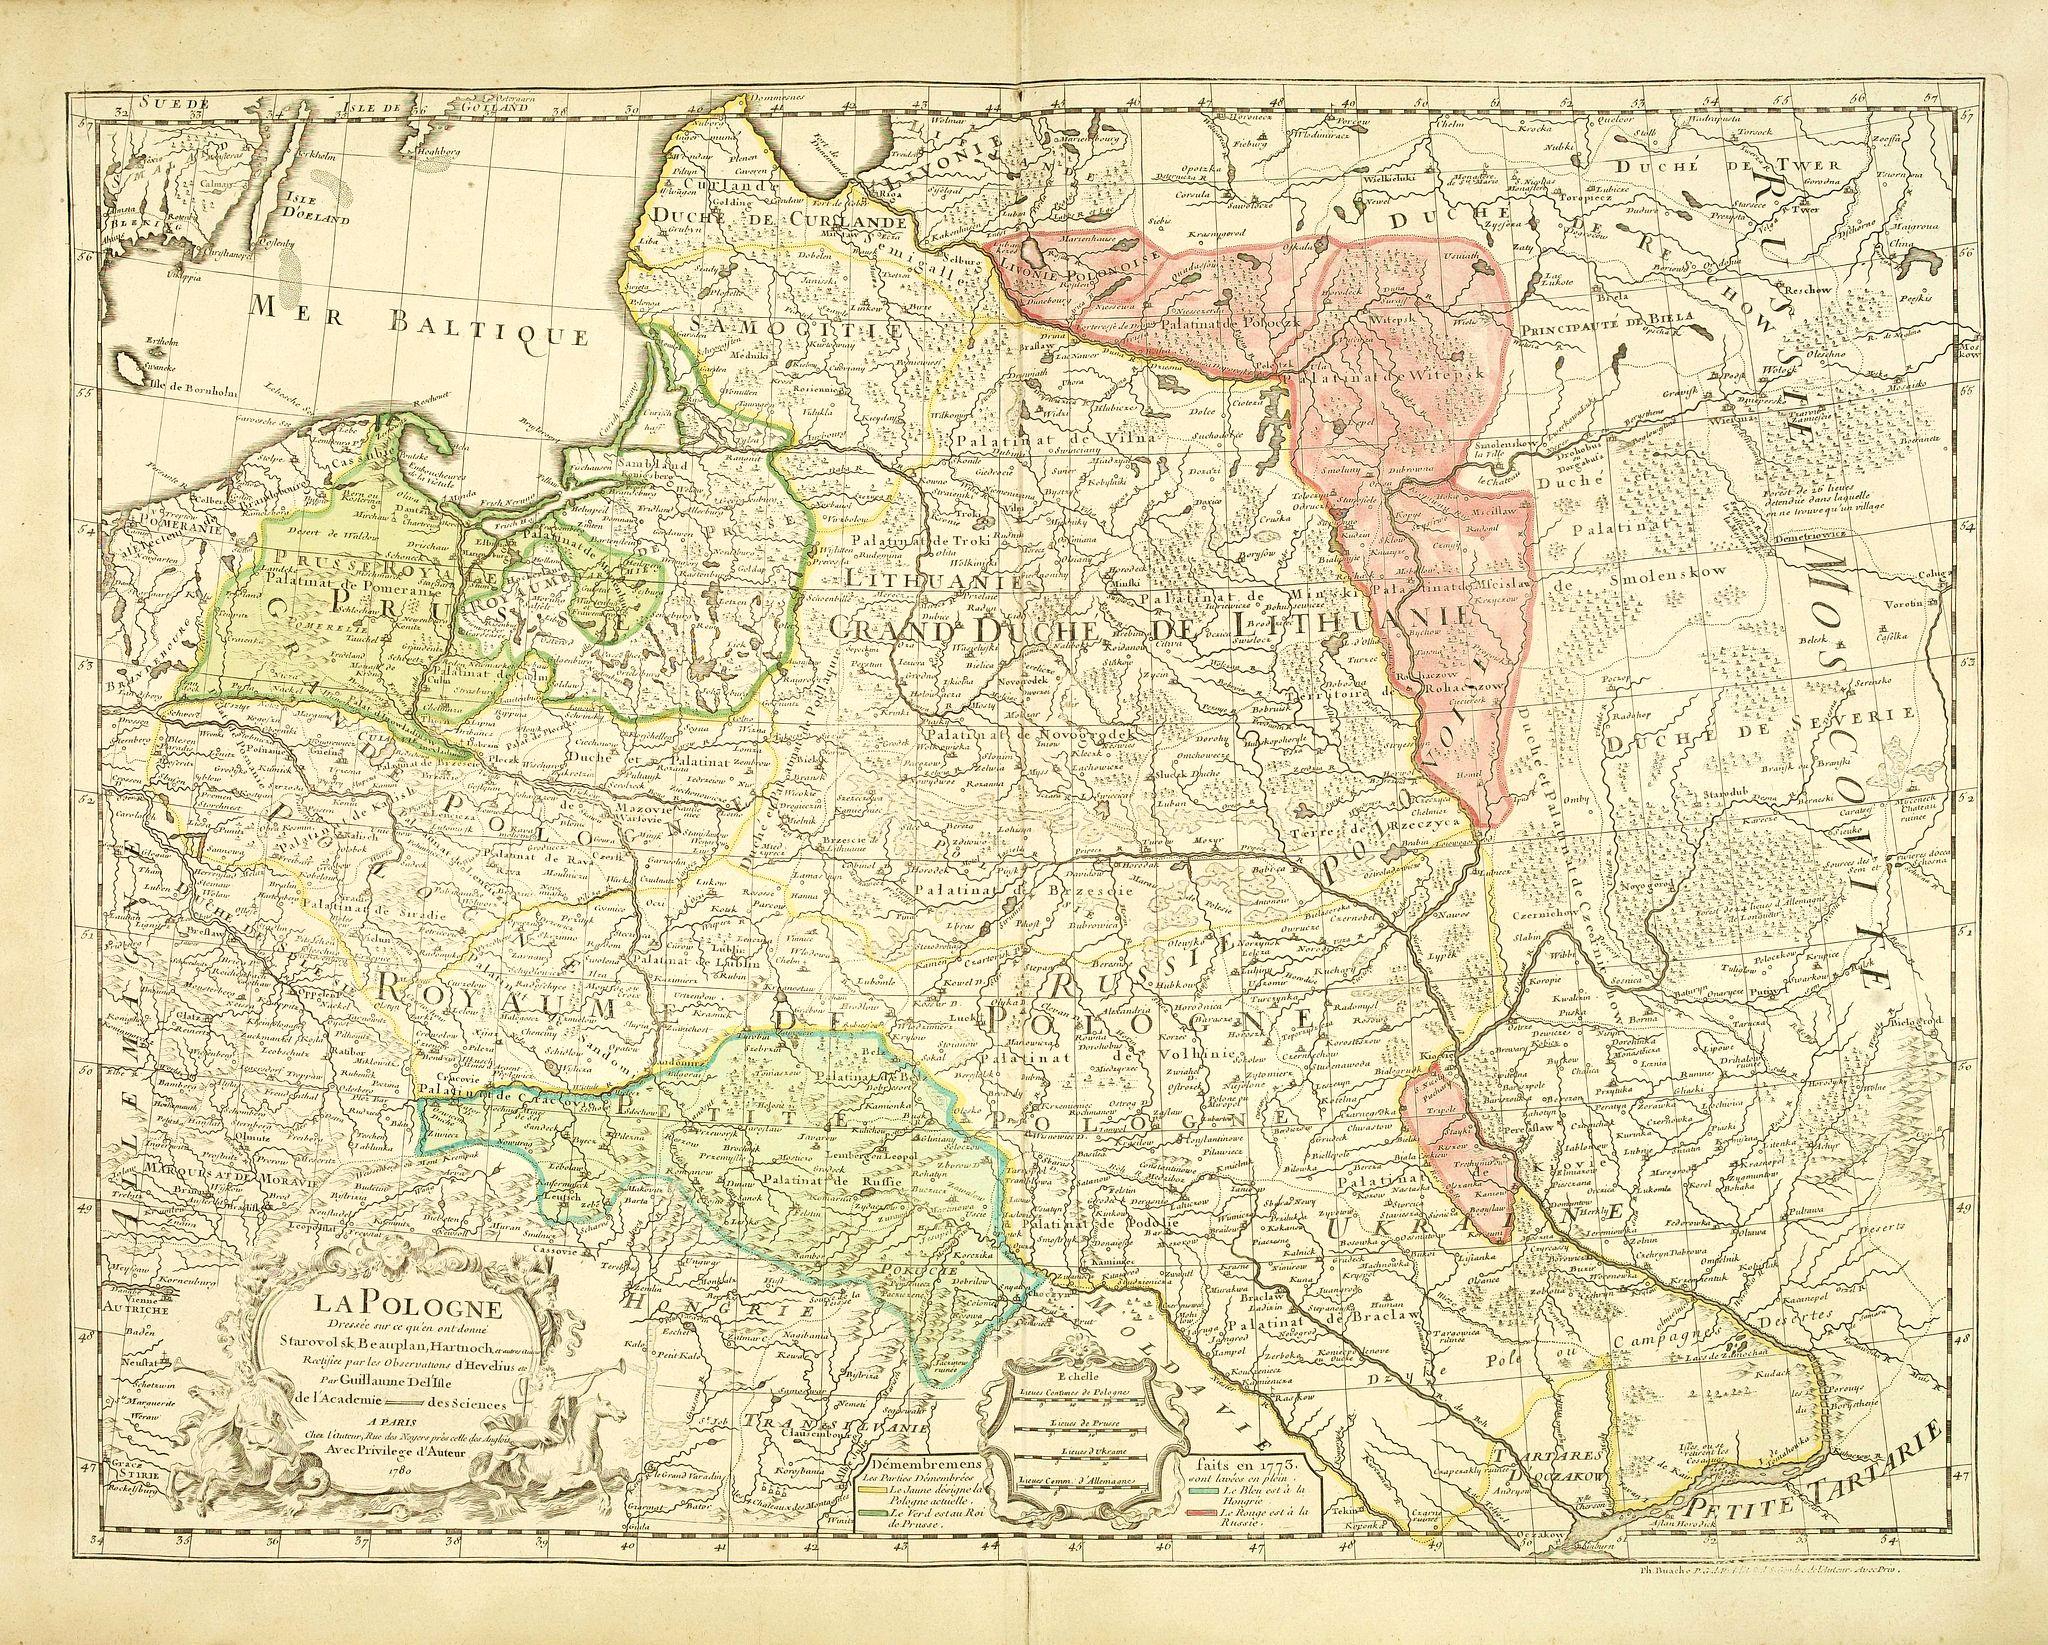 L'ISLE, G. de. / BUACHE, Ph. -  La Pologne Dressée sur ce qu'en ot donné Starovolsk, Beauplan, Hartnoch. . .